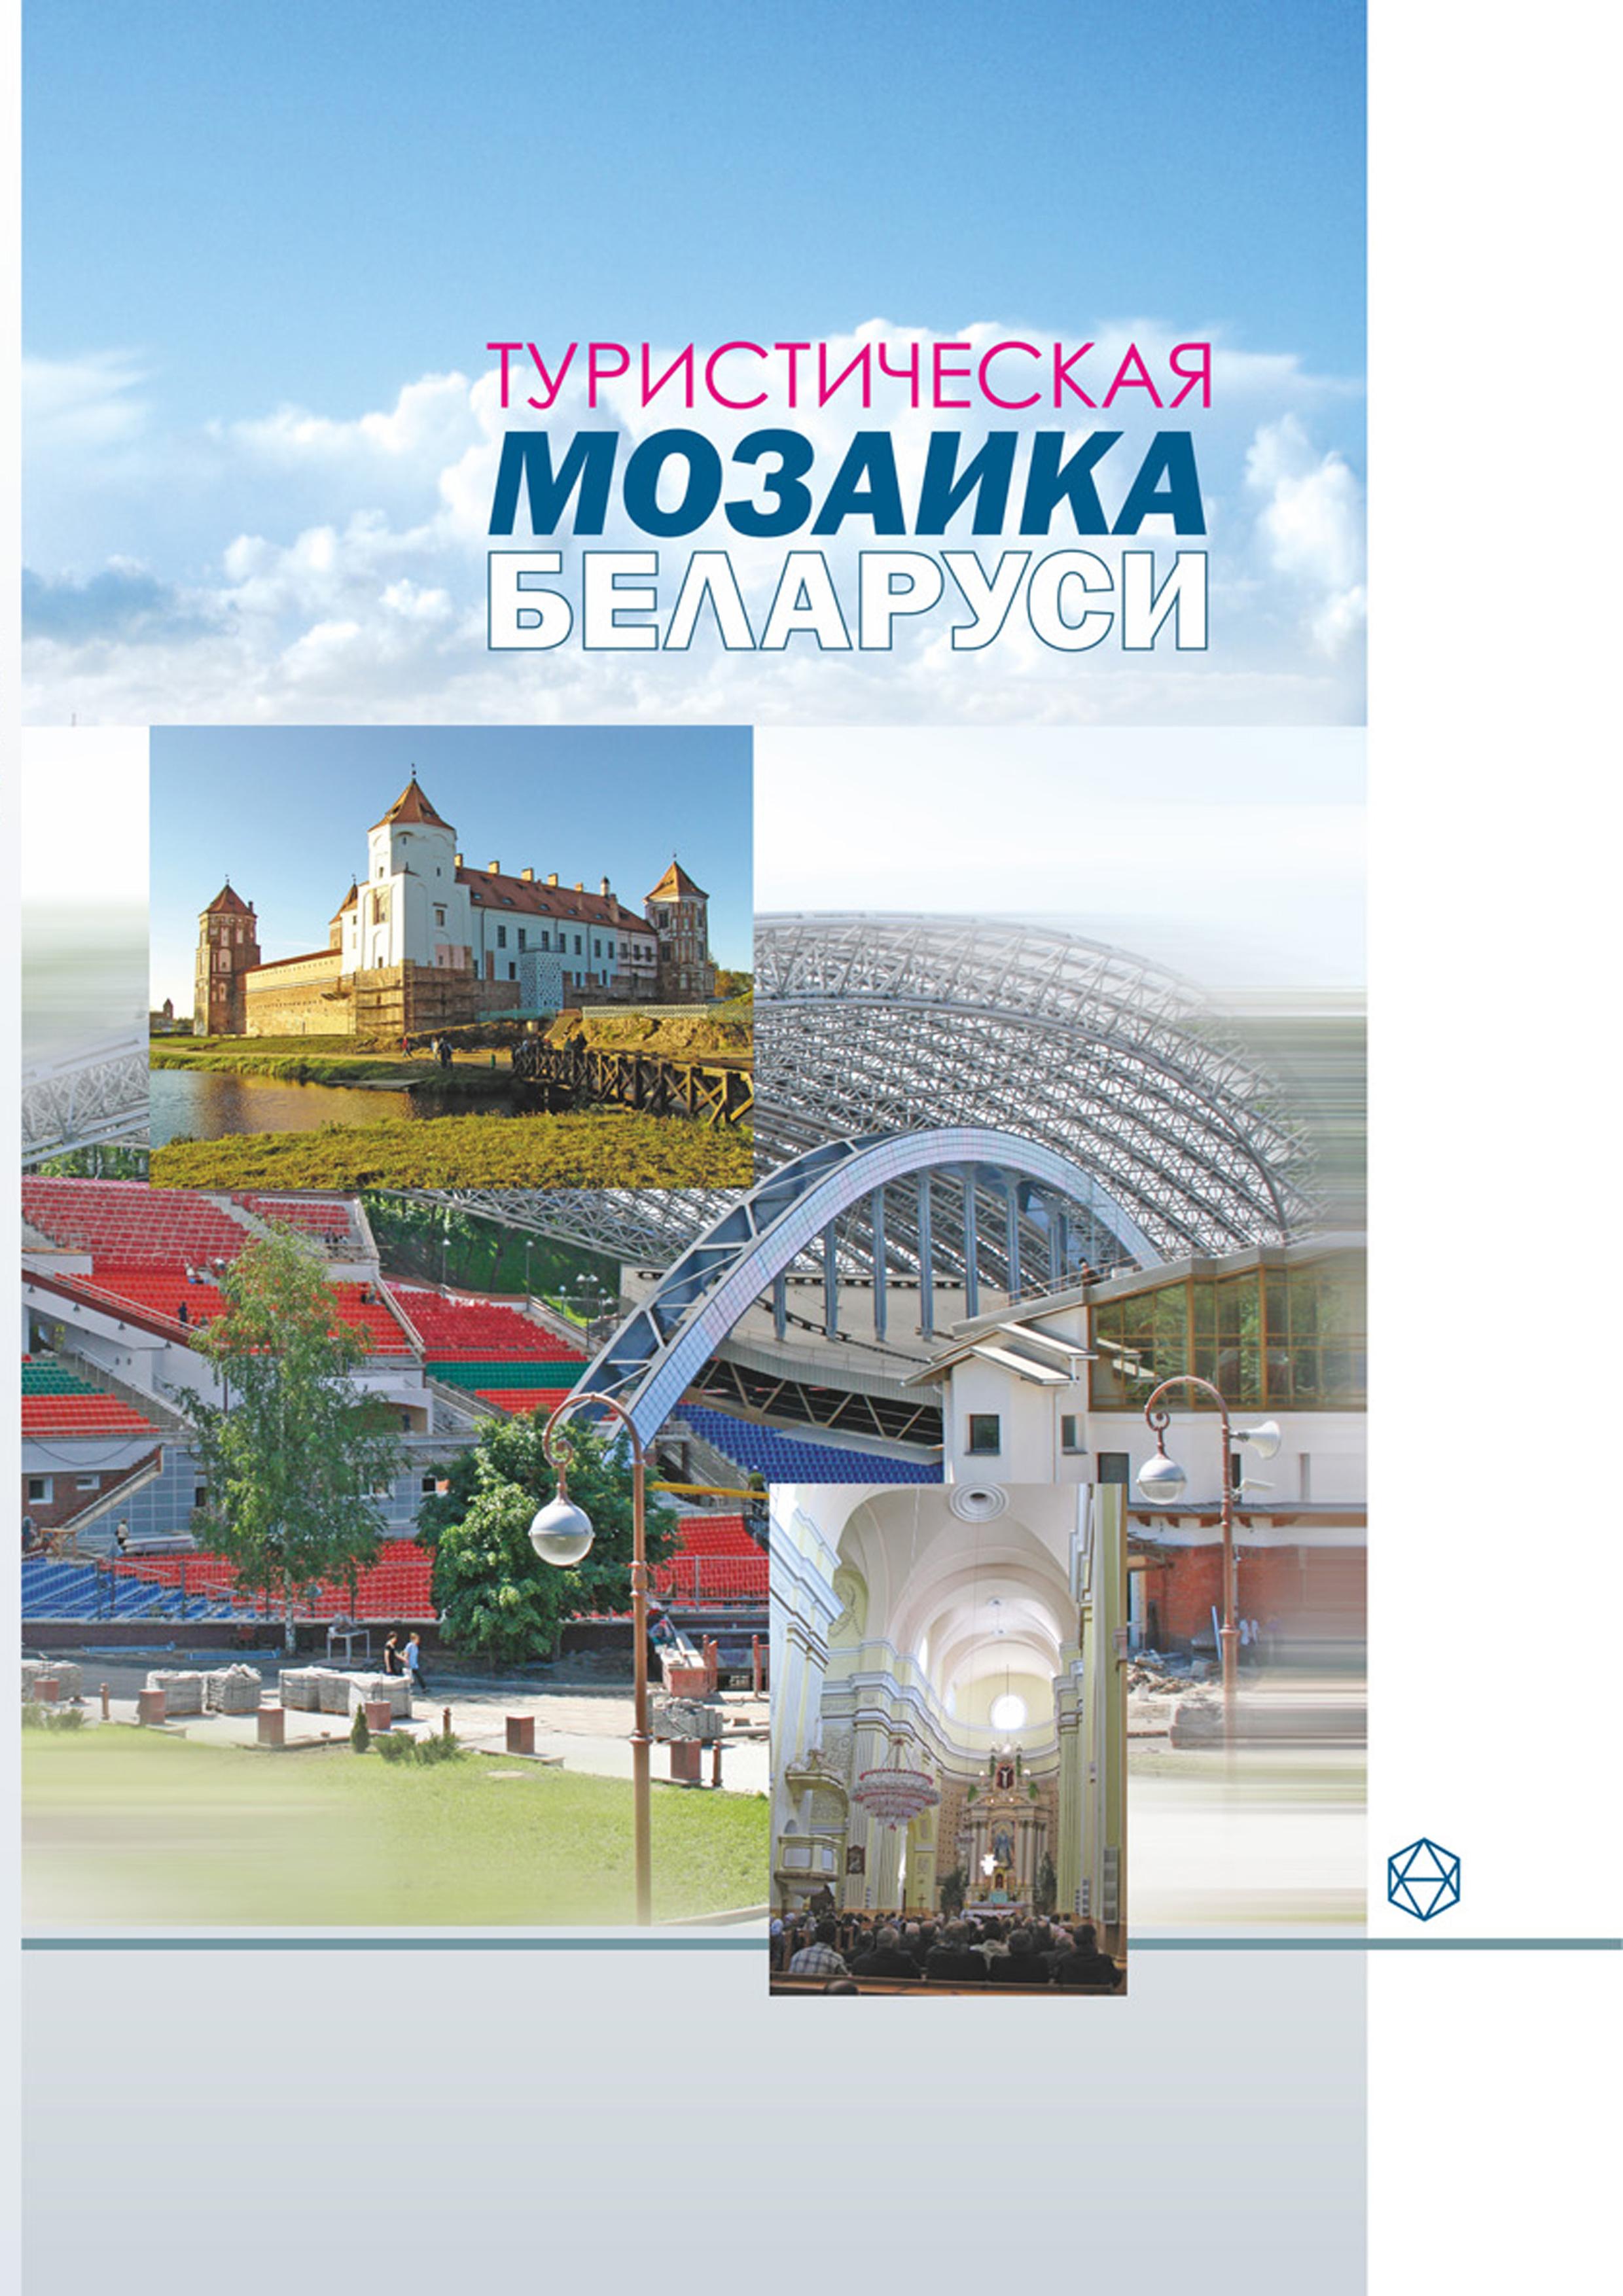 А. И. Локотко Туристическая мозаика Беларуси д ачия логан универсал в беларуси